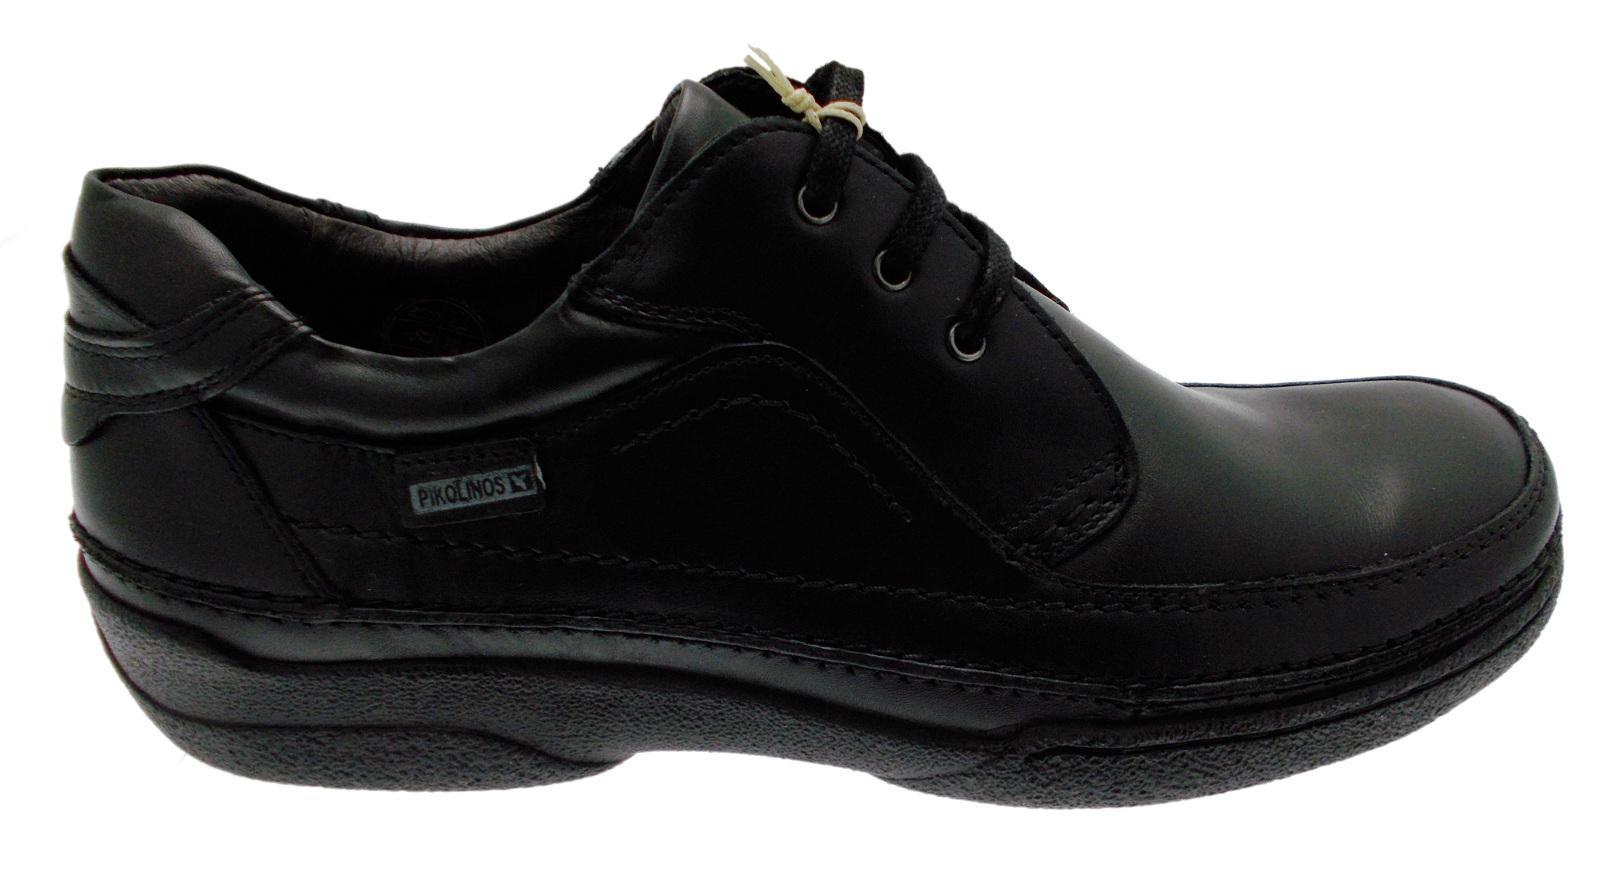 Lacci pelle nero art 04K-5621 classica scarpa uomo classica 04K-5621 Pikolinos feedfa